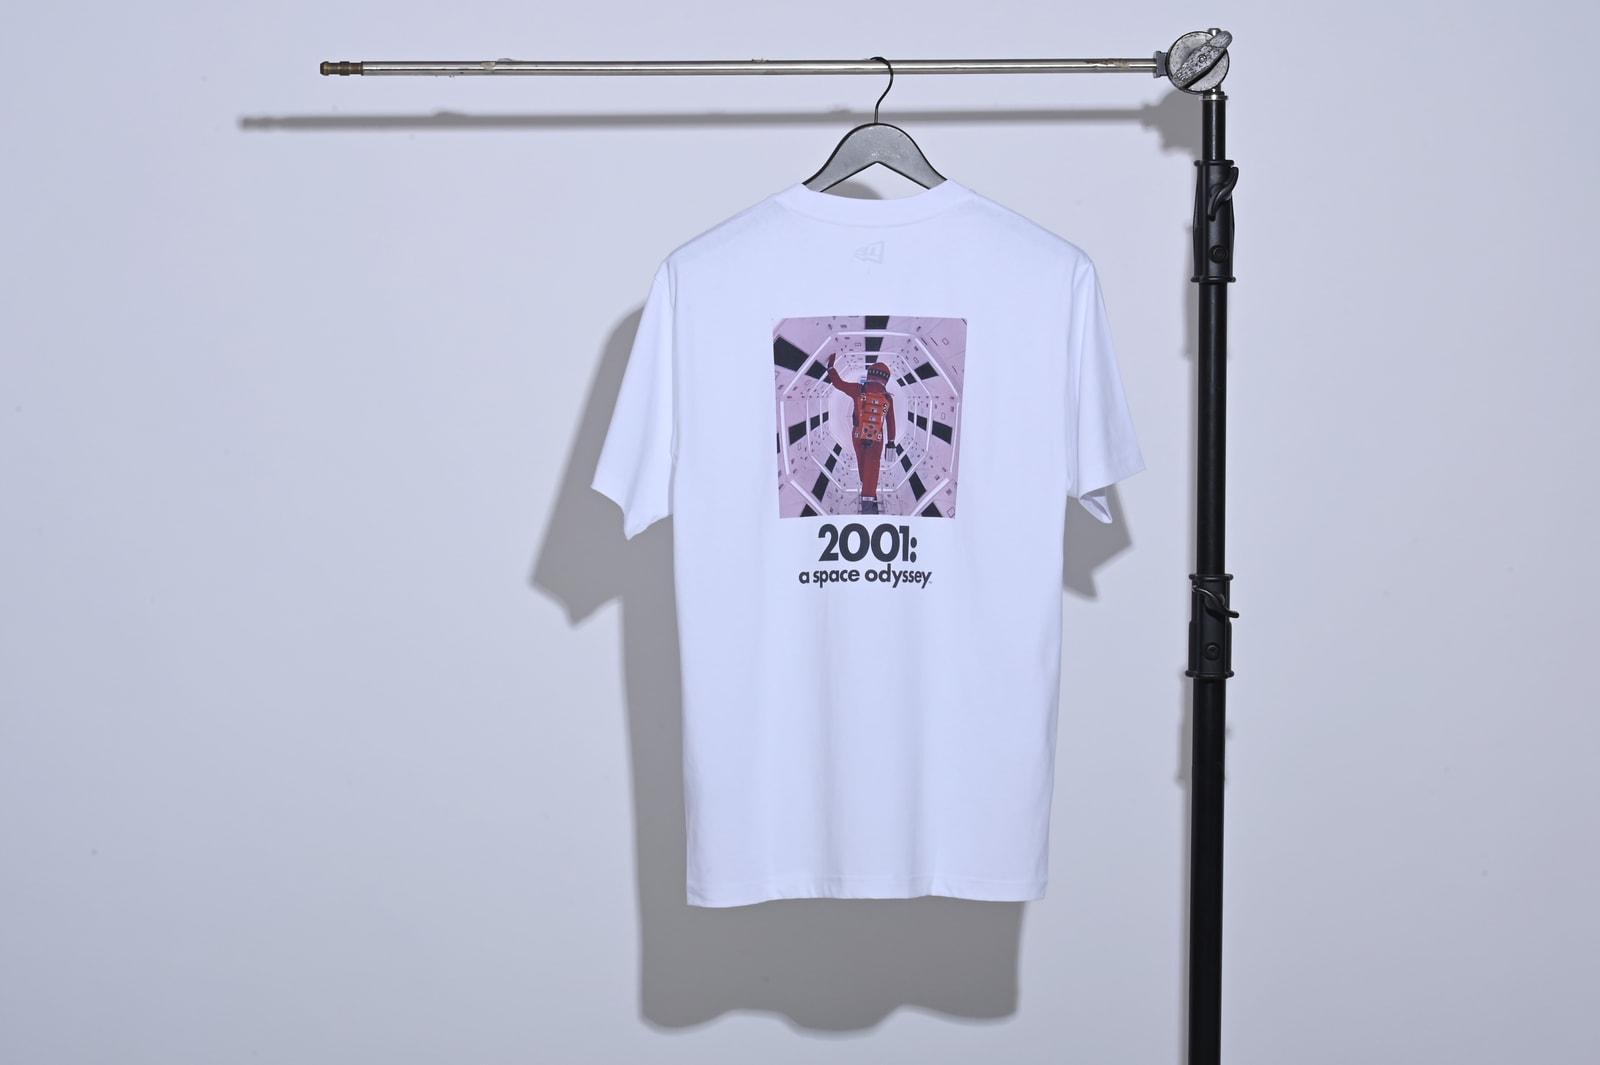 經典重現- New Era x Stanley Kubrick 聯乘系列正式發佈